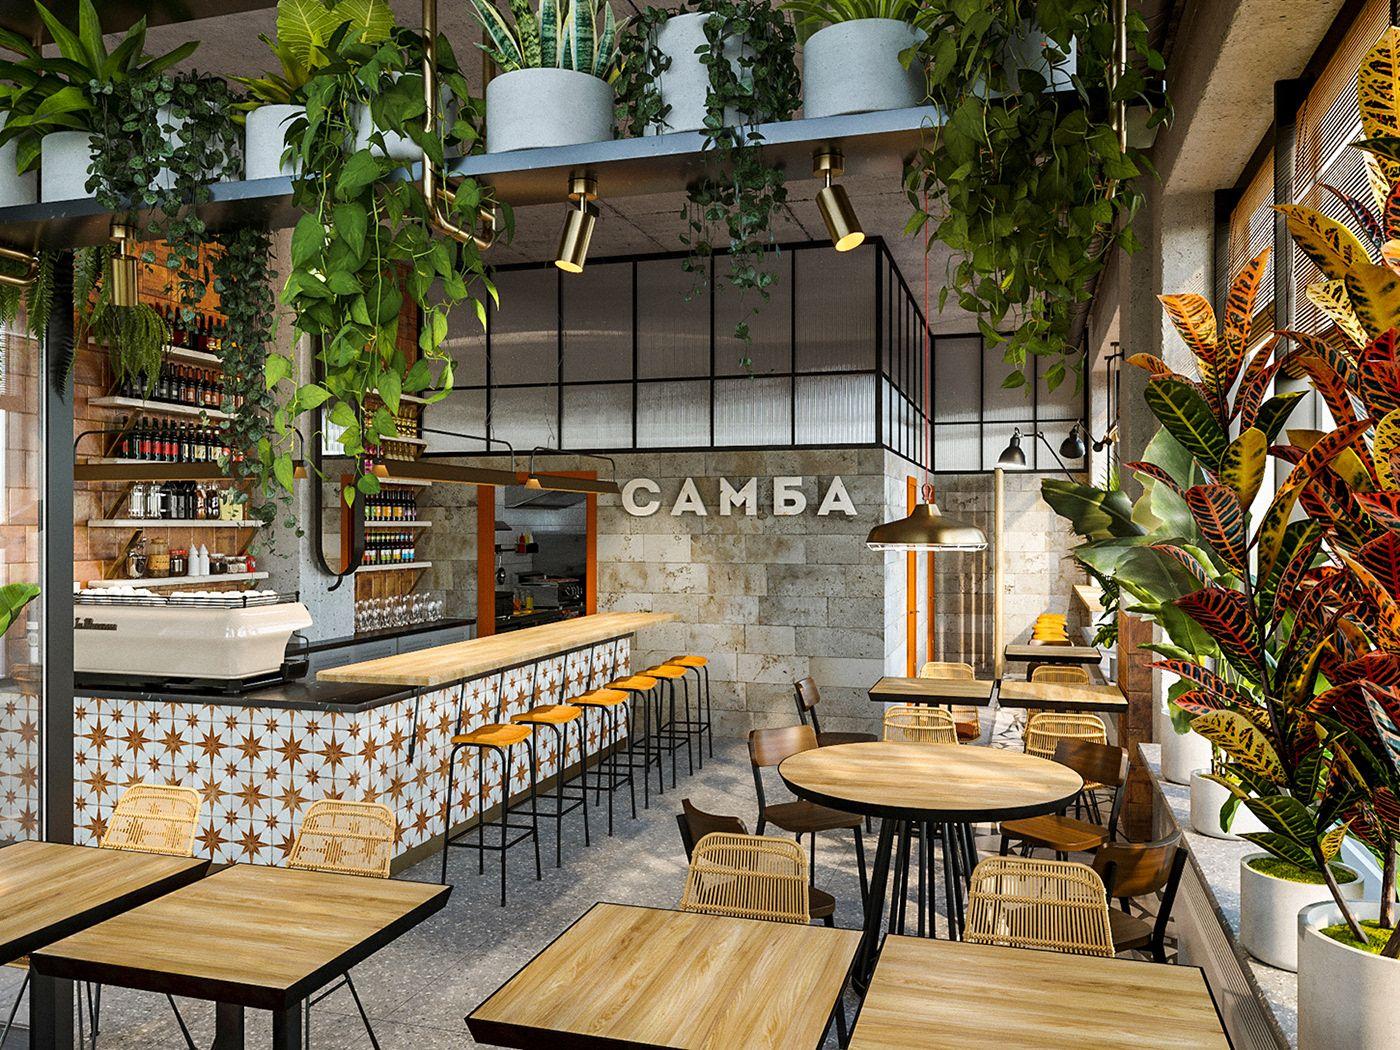 Samba cafe interior on Behance | Interiores de tiendas de ...